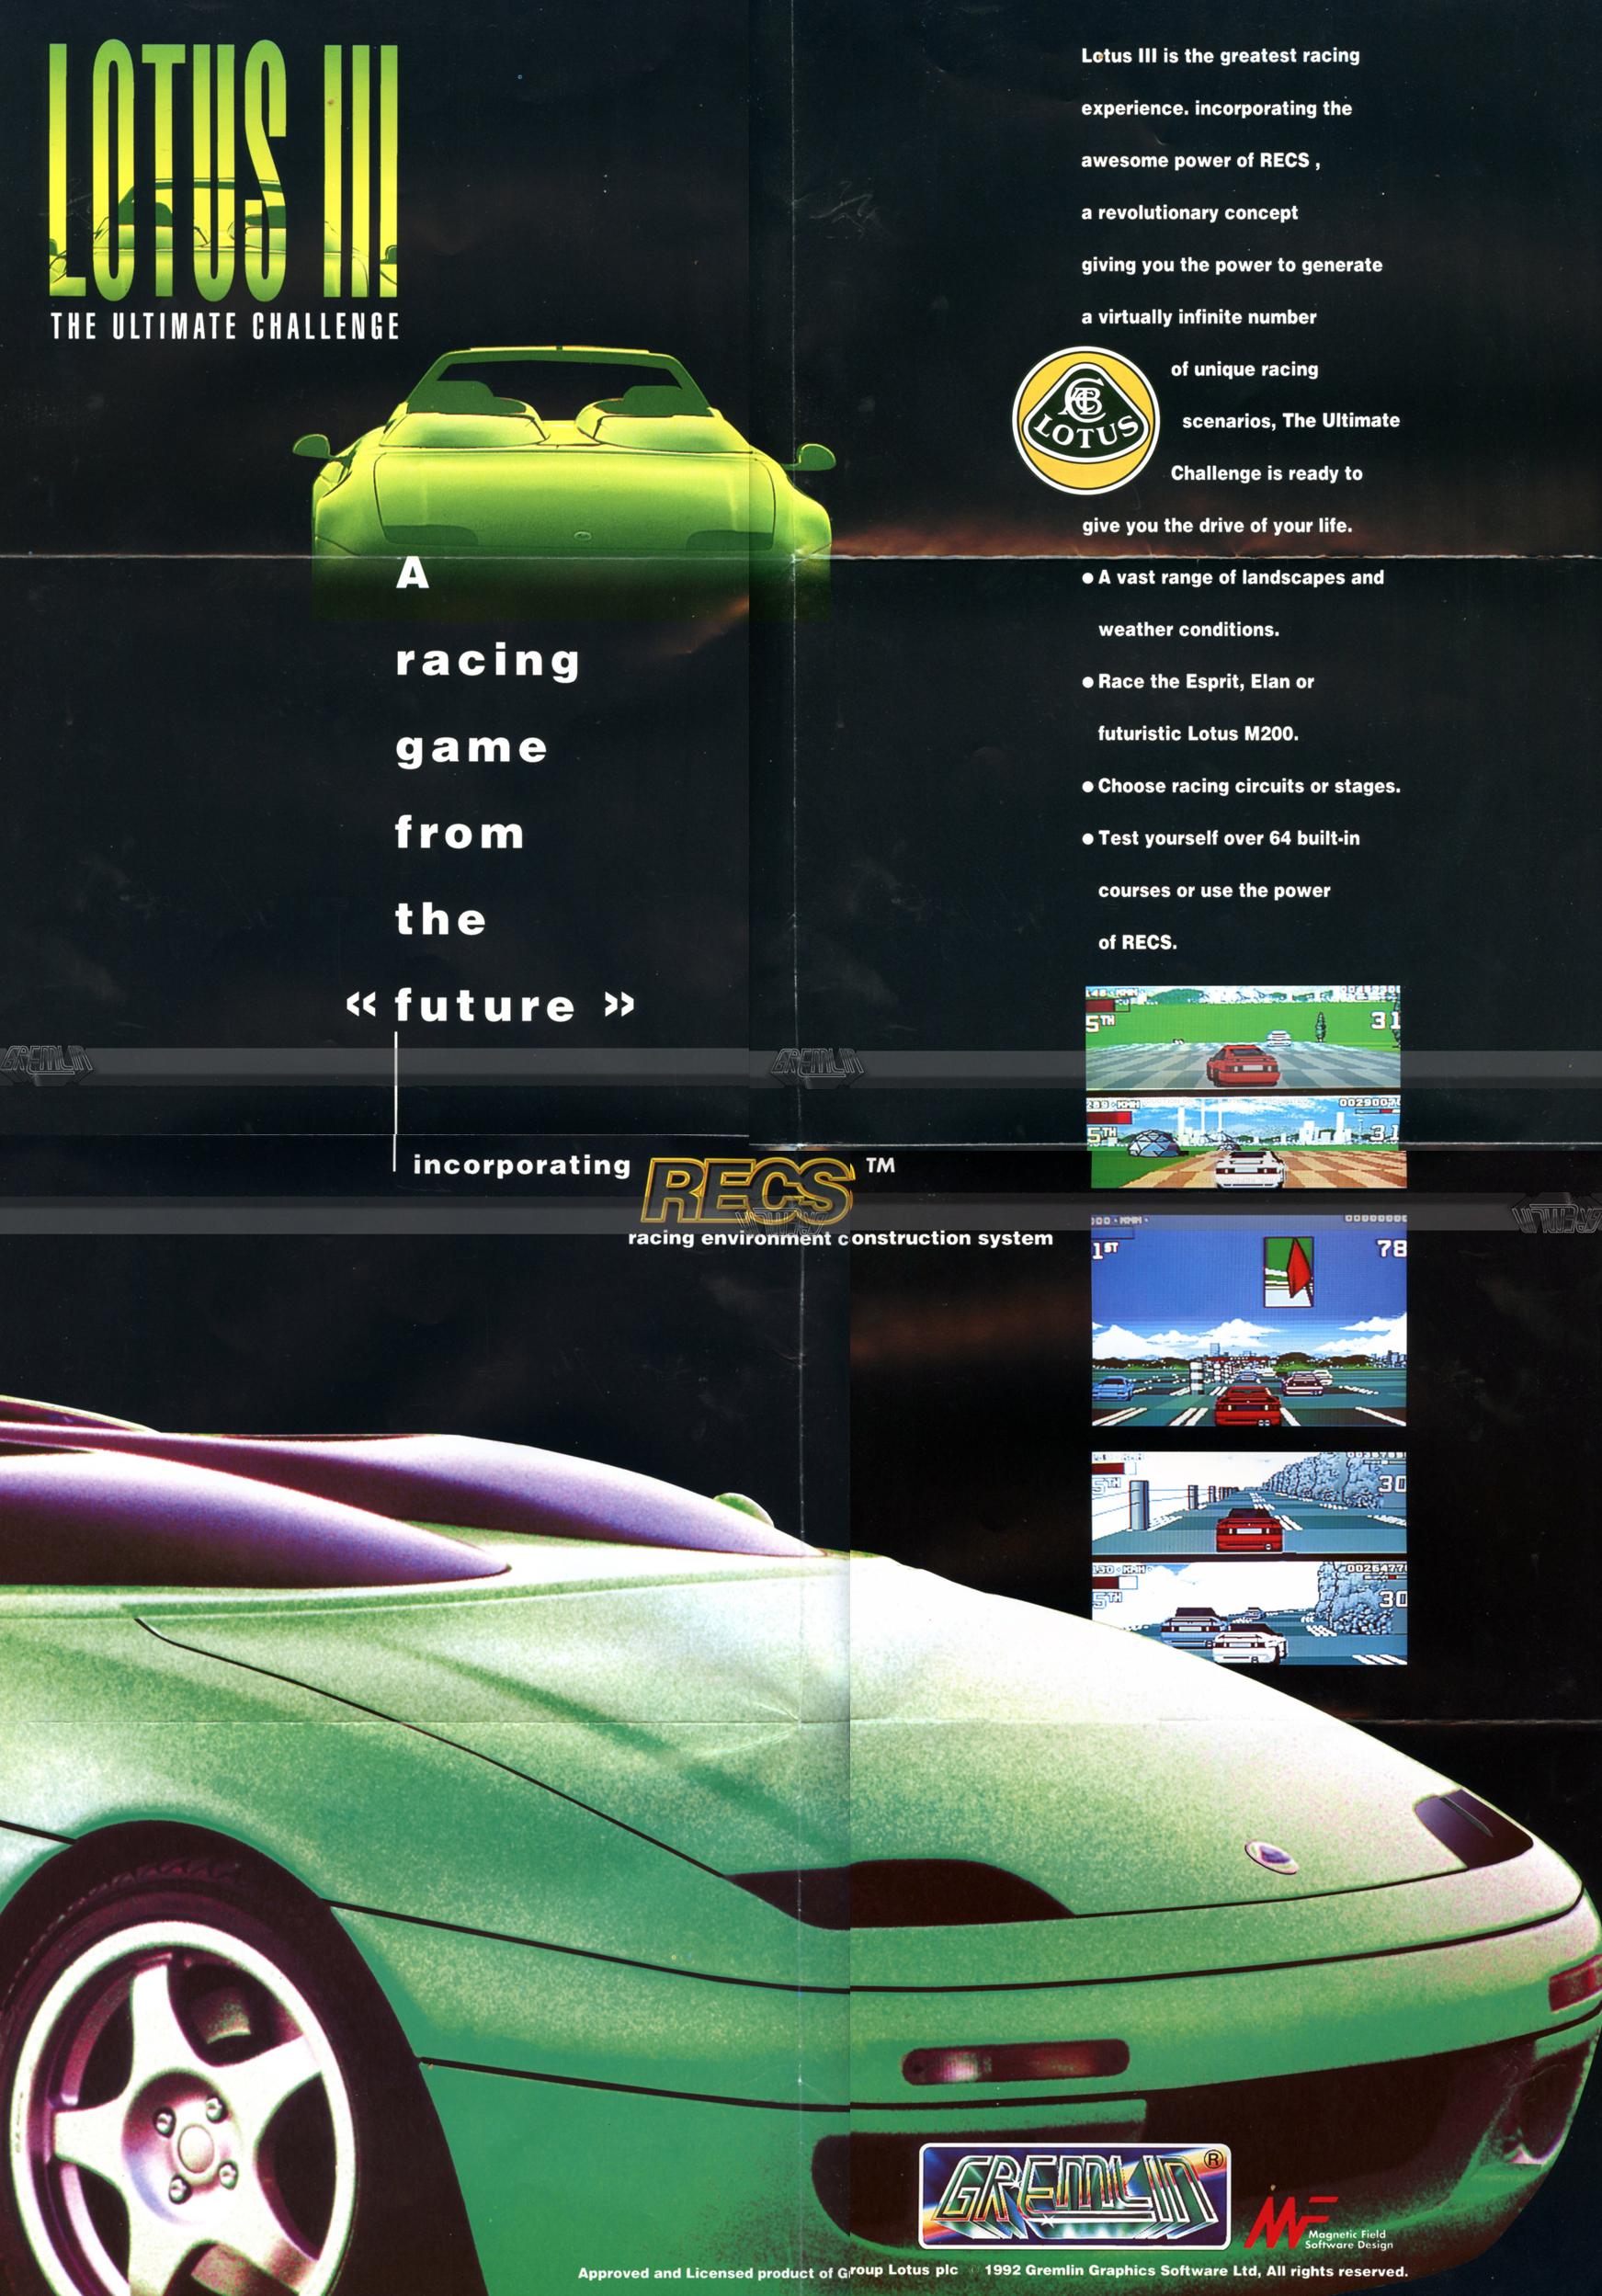 Lotus III: Ultimate Challenge Poster